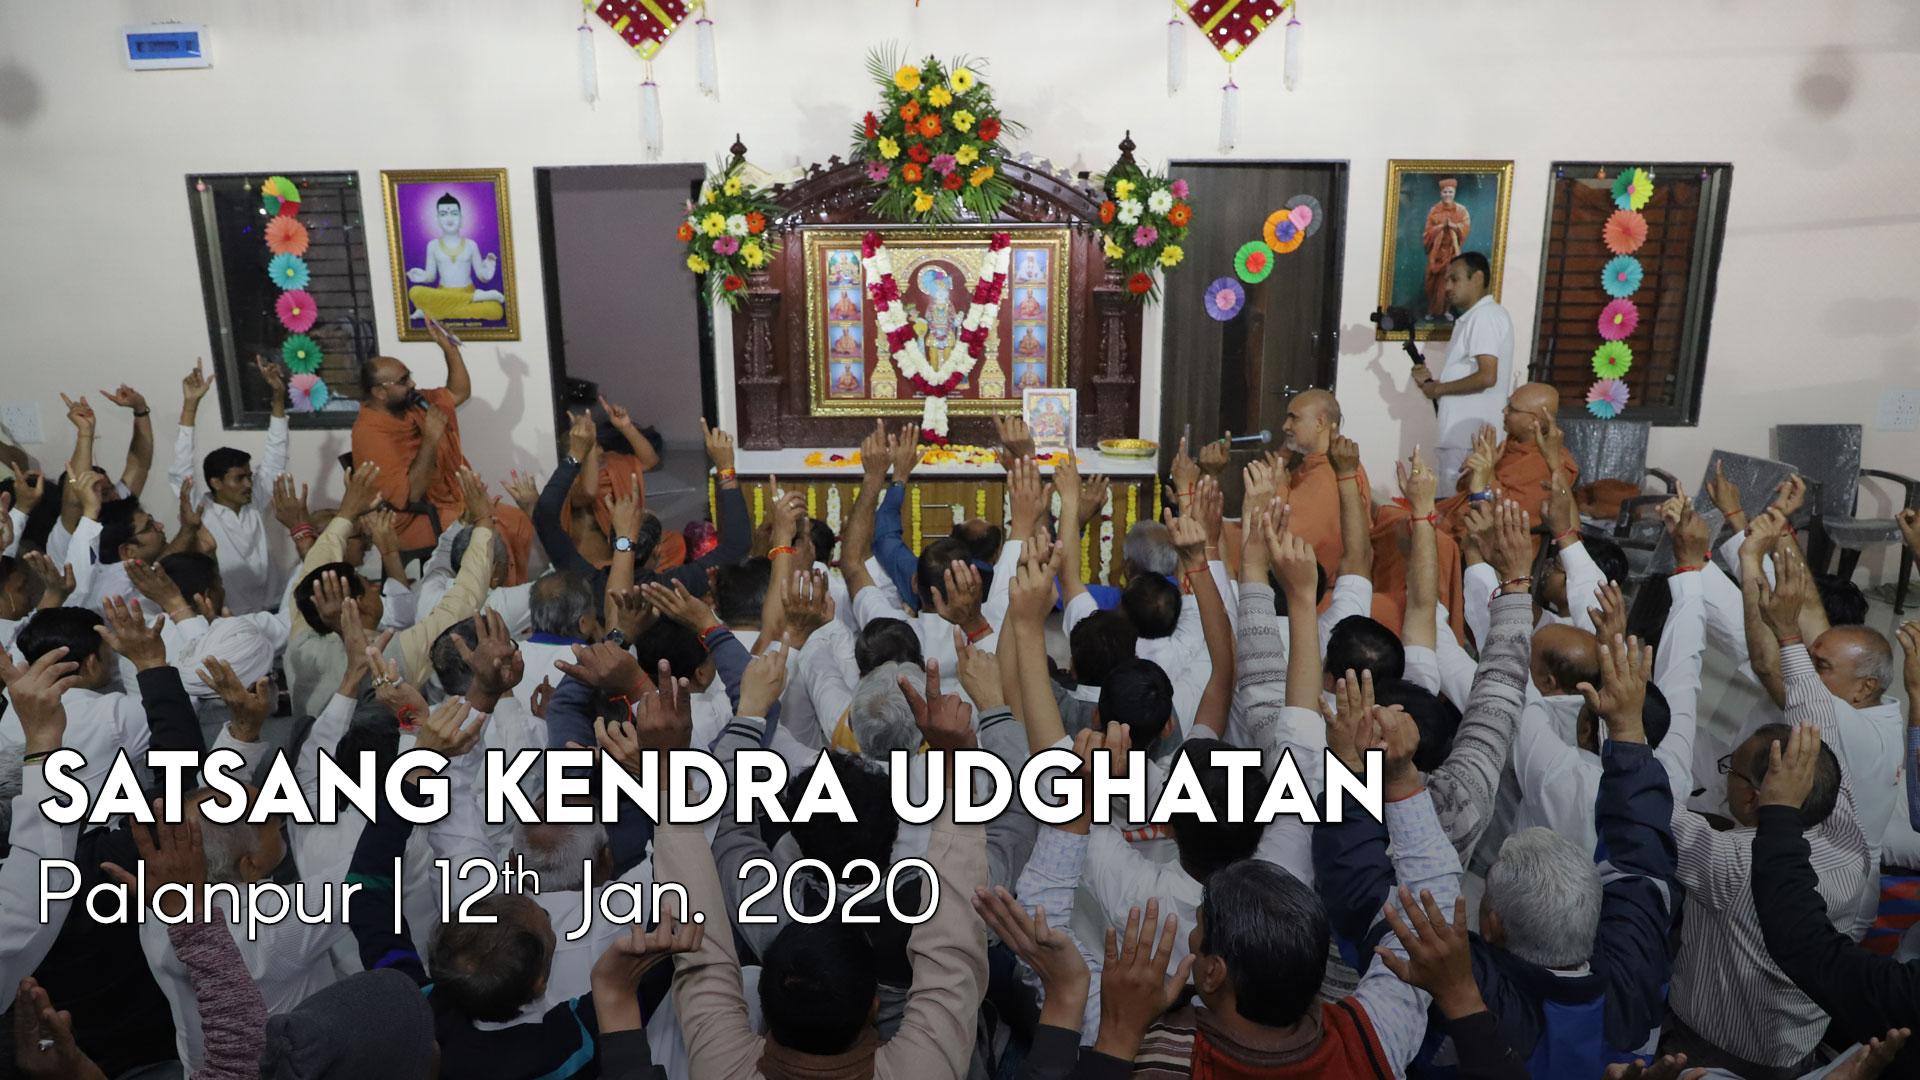 Satsang Kendra Udghatan Samaroh - Palanpur